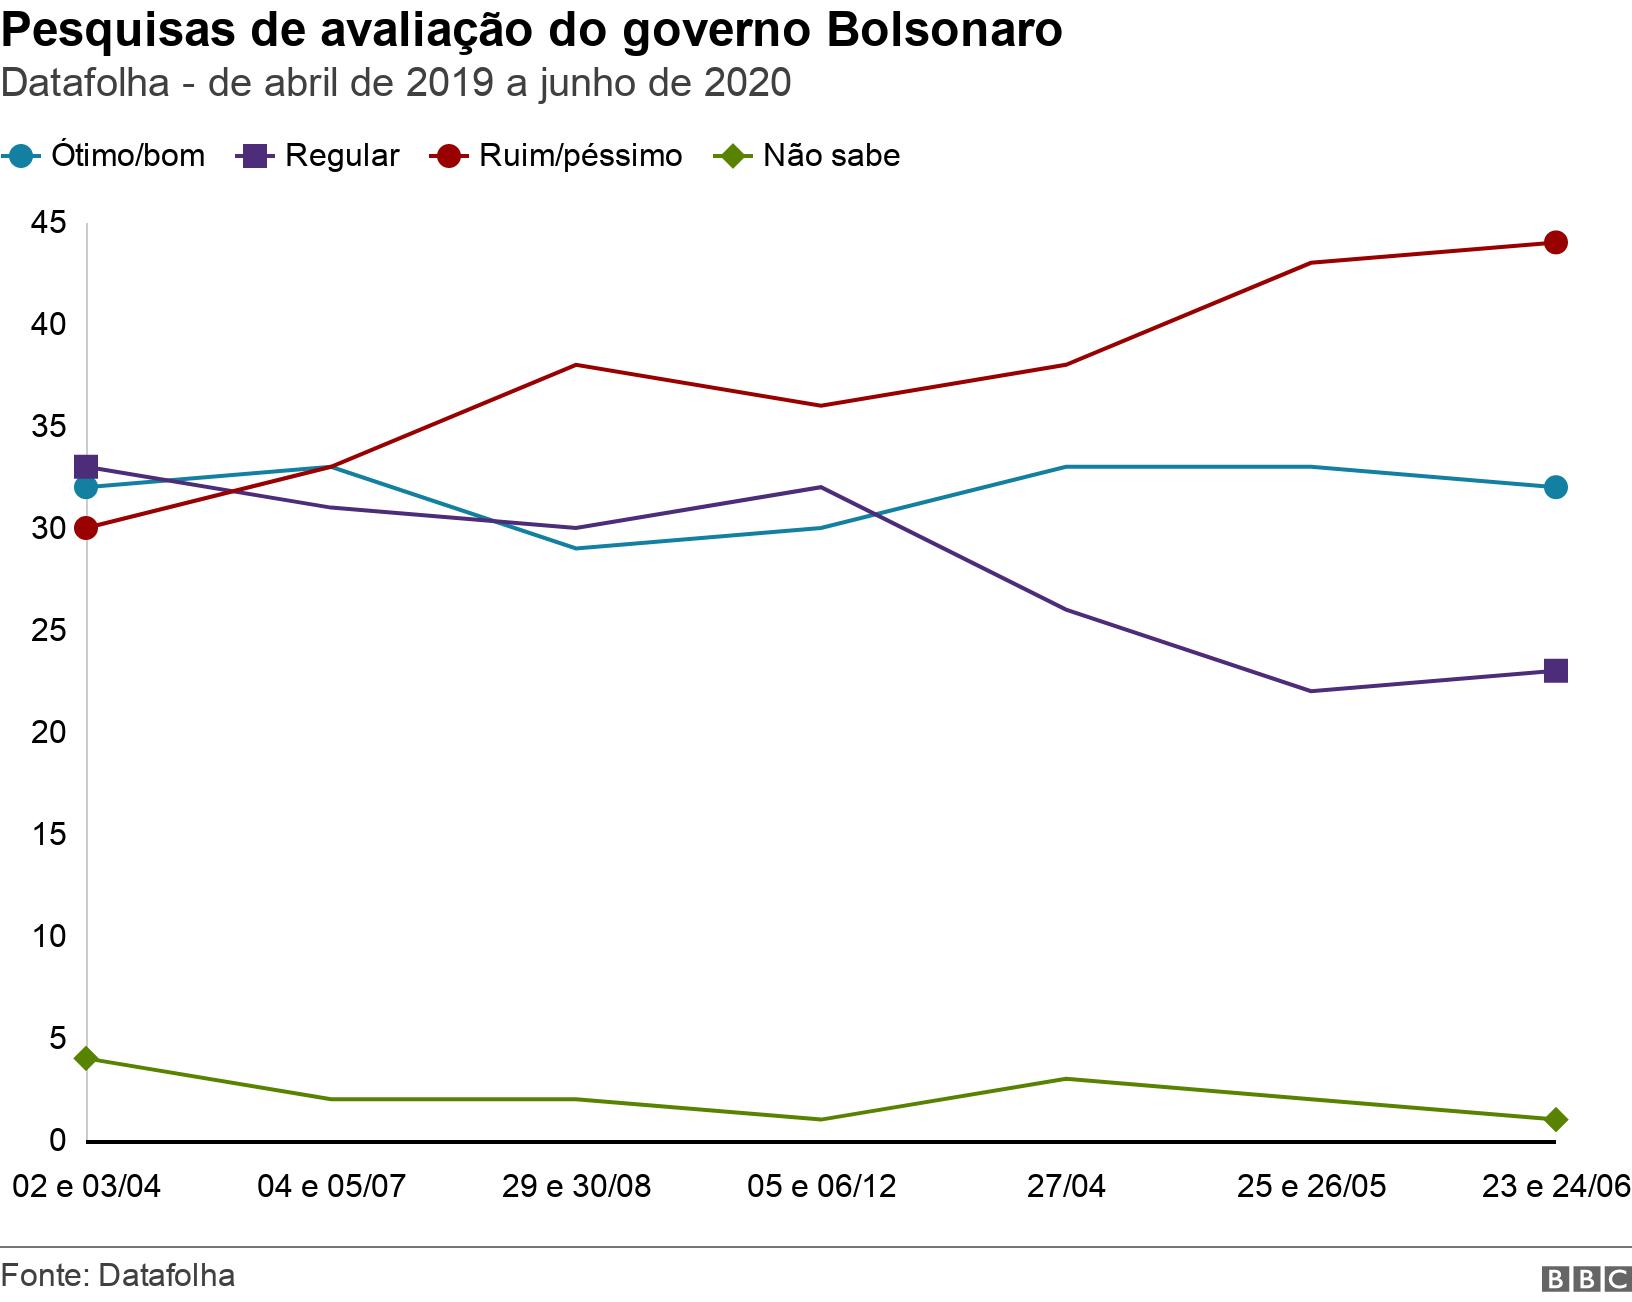 Pesquisas de avaliação do governo Bolsonaro.  Datafolha - de abril de 2019 a junho de 2020.  .